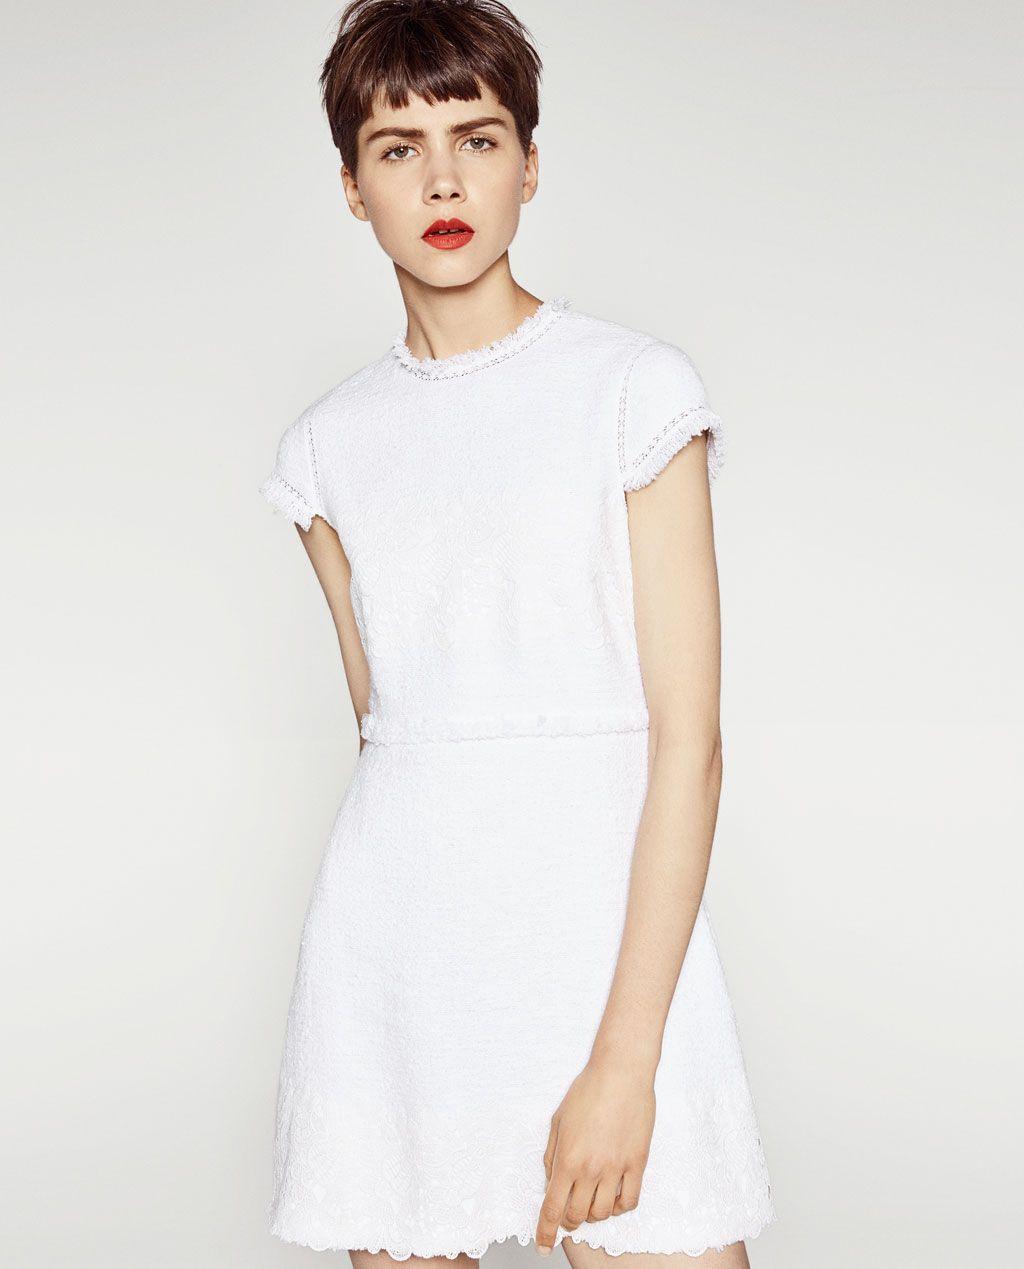 Access Denied  Weißes Kleid Lässig Kleider Kleider Für